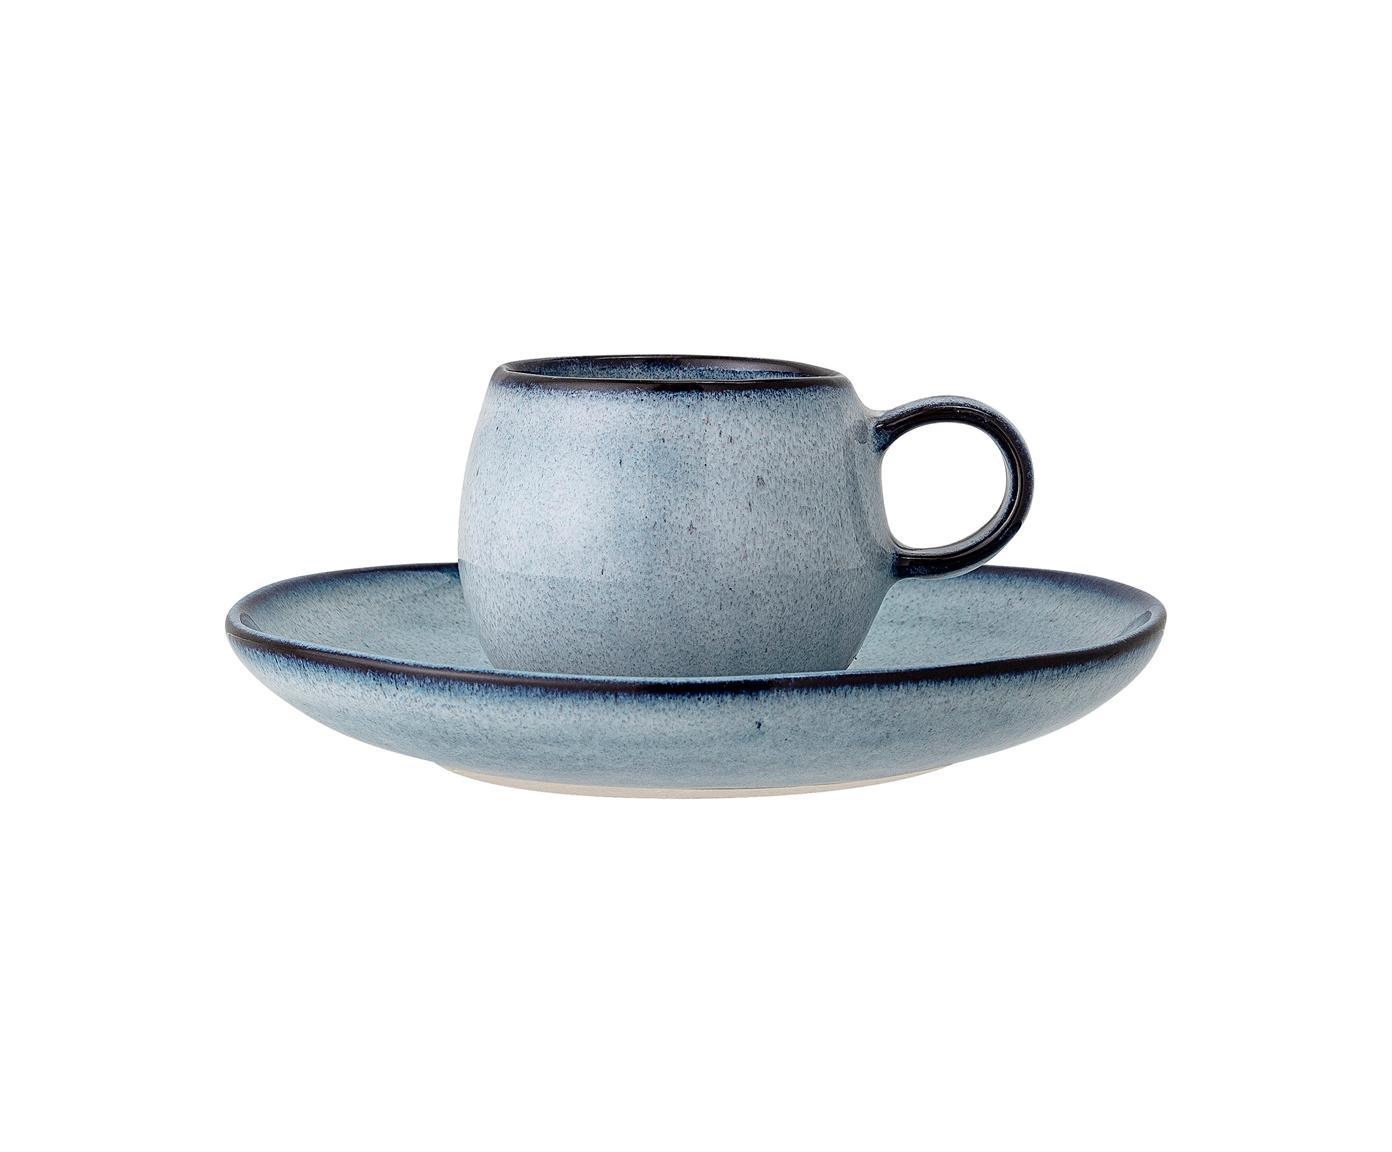 Handgemachte Espressotasse Sandrine mit Untertasse in Blau, Steingut, Blautöne, Sondergrößen